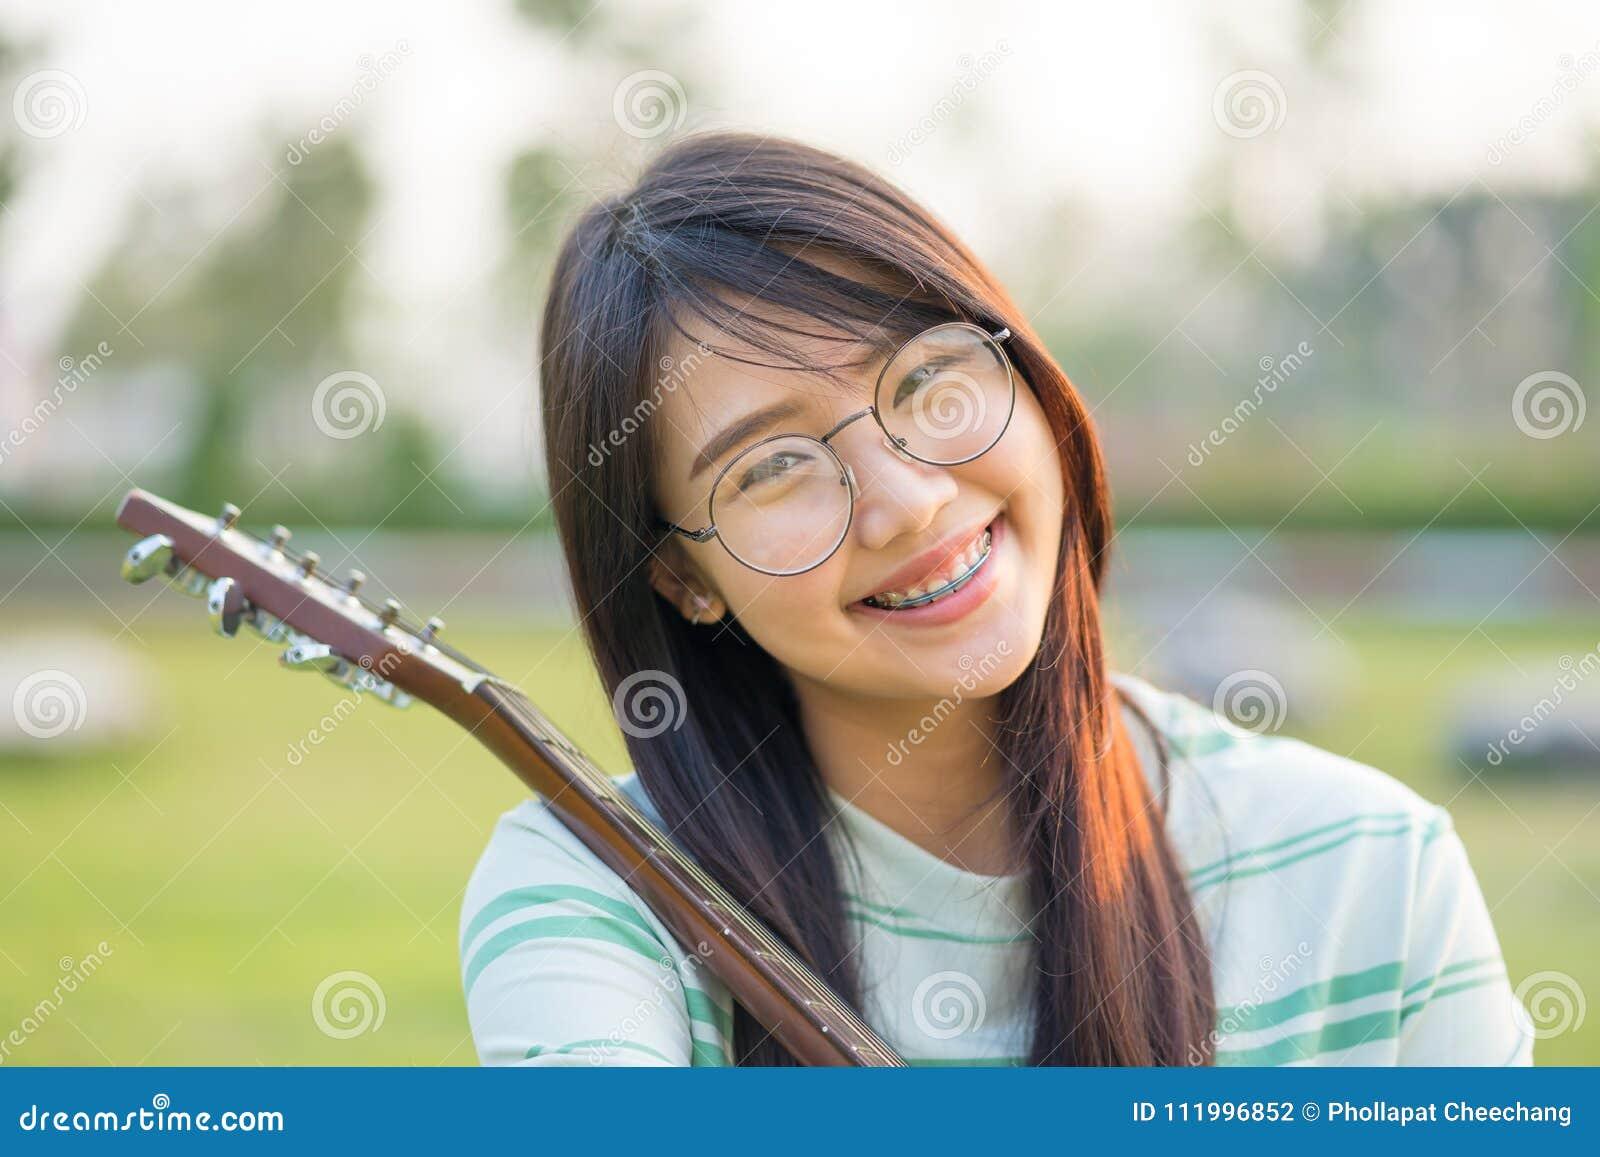 Categories asian teens 20